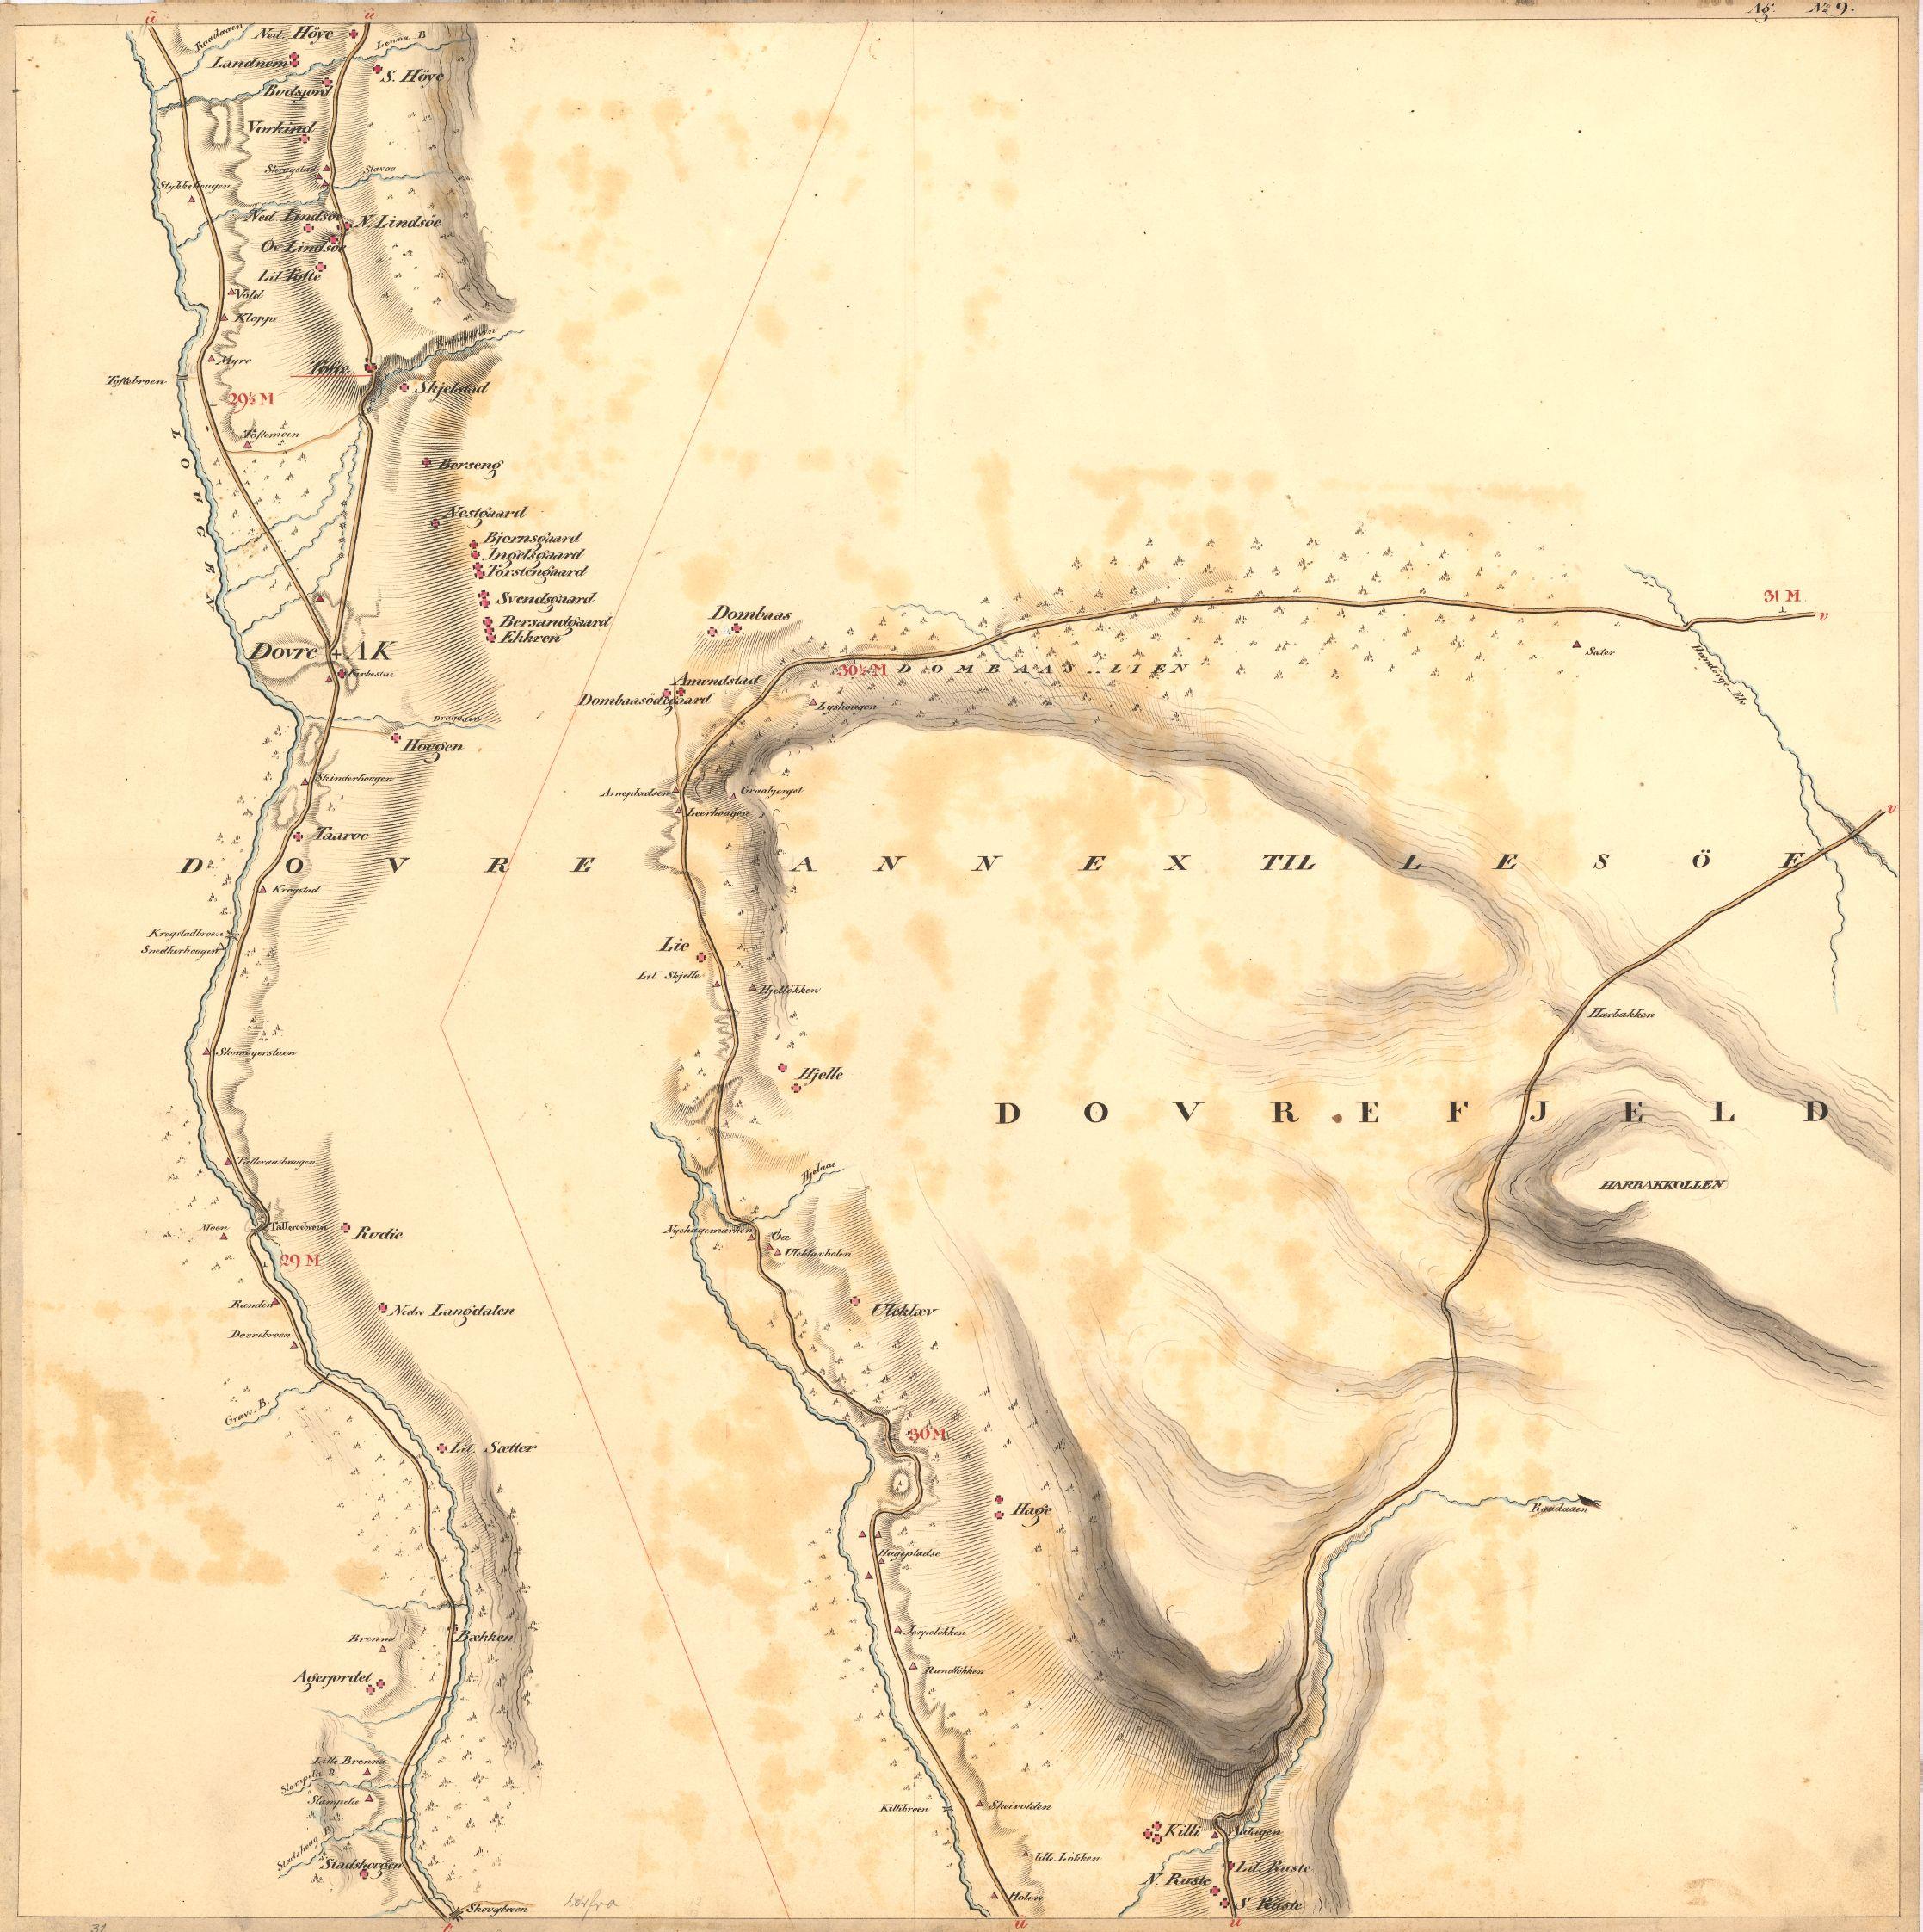 Kartet fra 1820 viser den nye vegtraséen om Dombås og den gamle Kongevegen ved Dovre og over Hardbakken.Kilde: Kartverket, Norge 240 kartblad nr. 9, Reichborn 1820